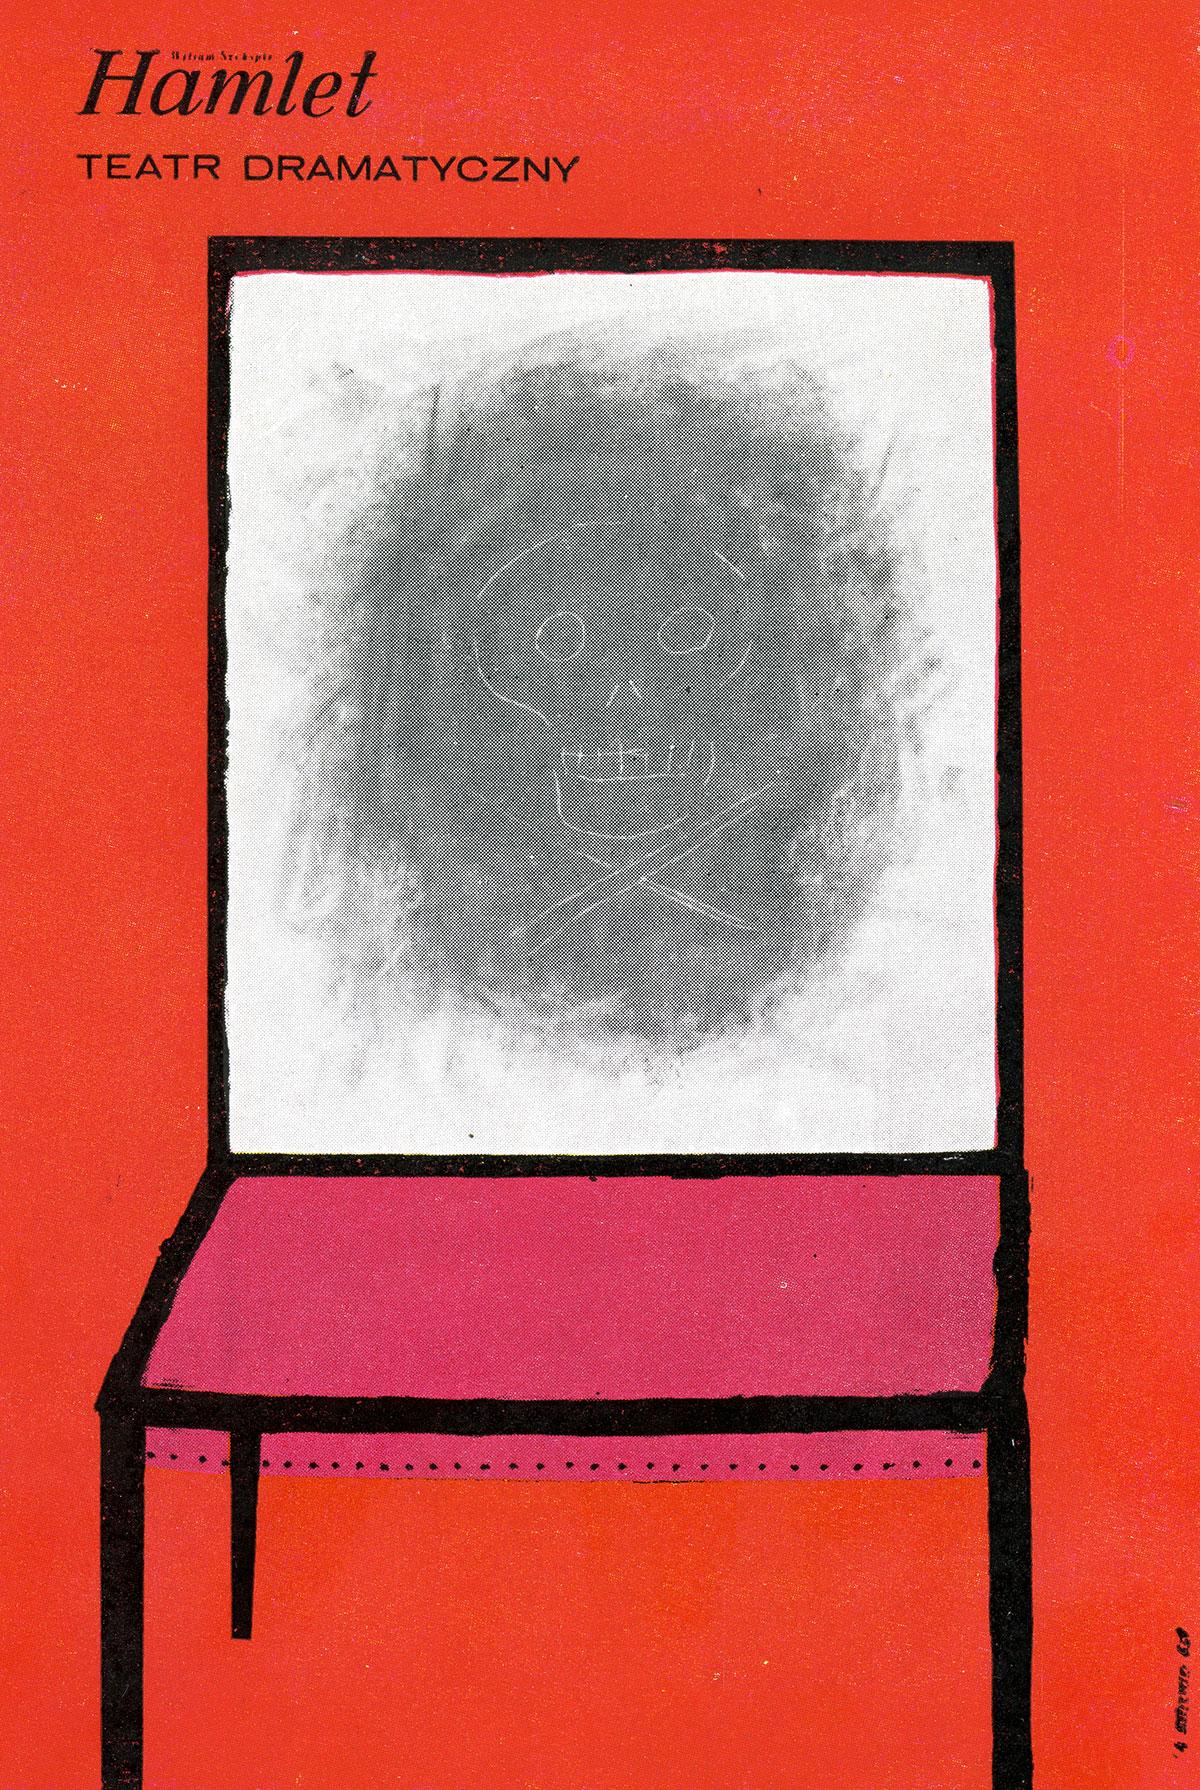 henryk-tomaszewski-affiche-hamlet